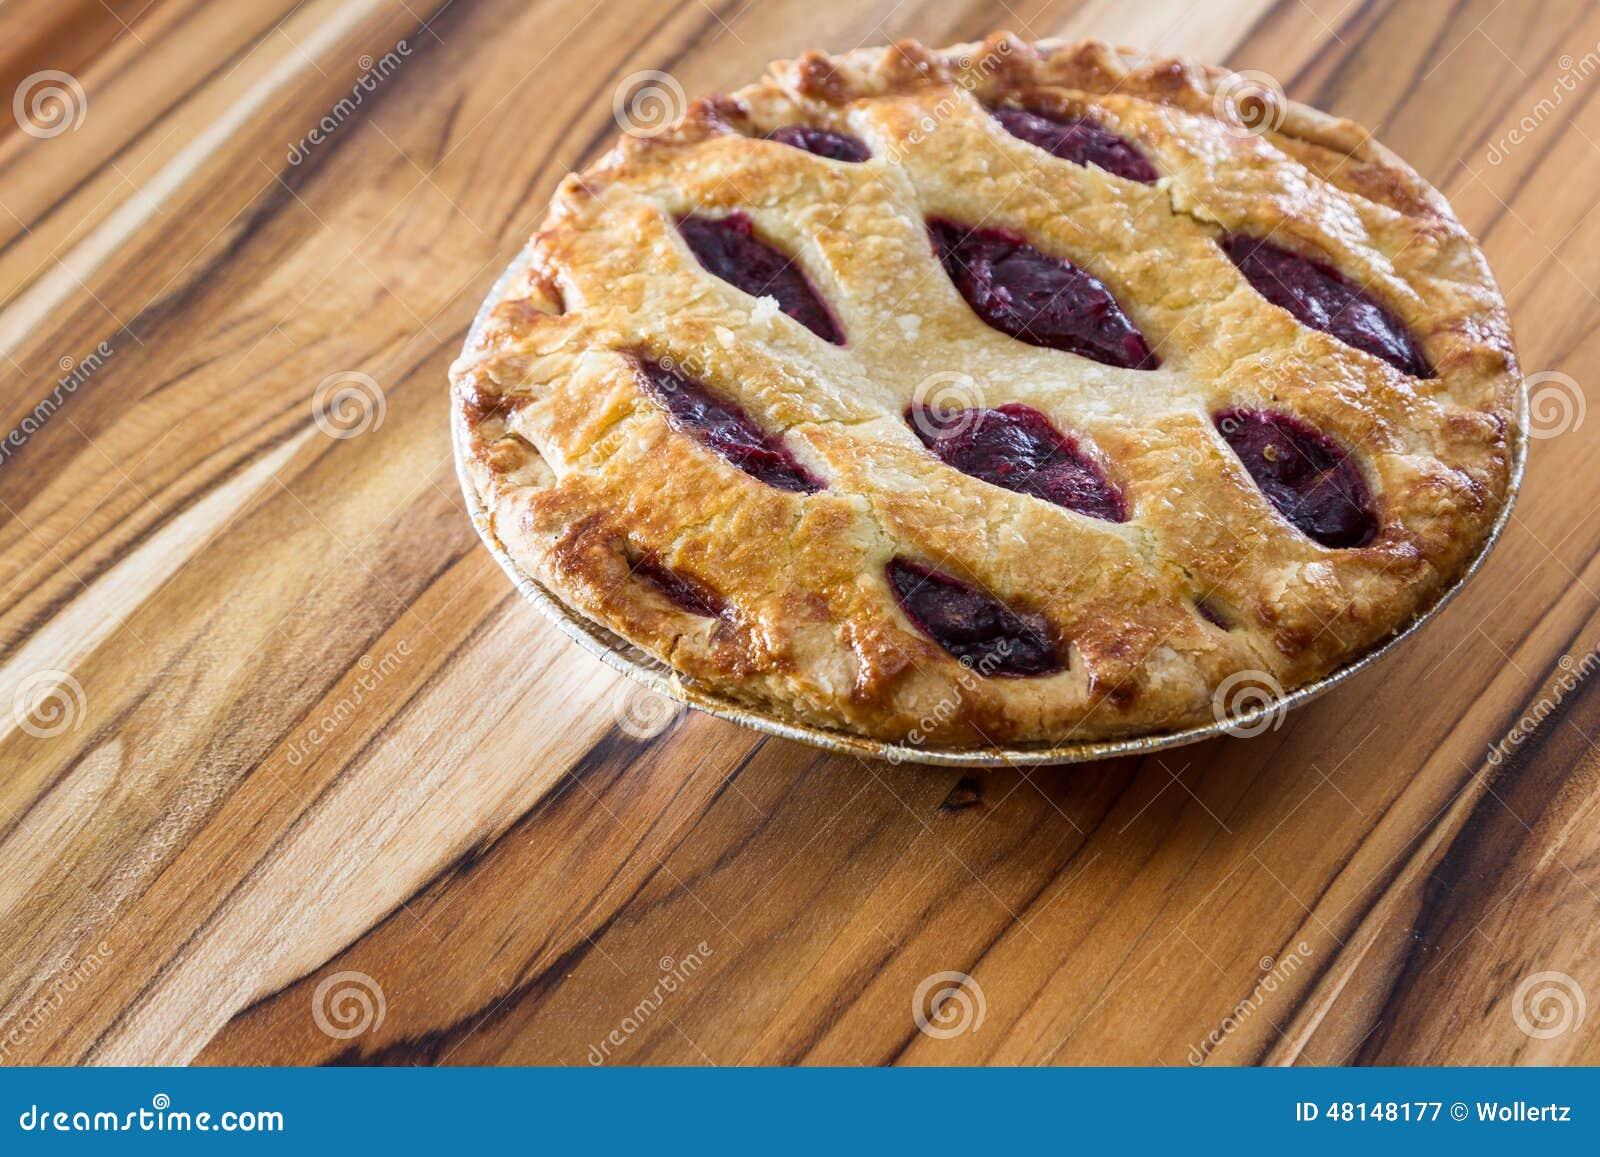 Cherry Pie Stock Photo - Image: 48148177